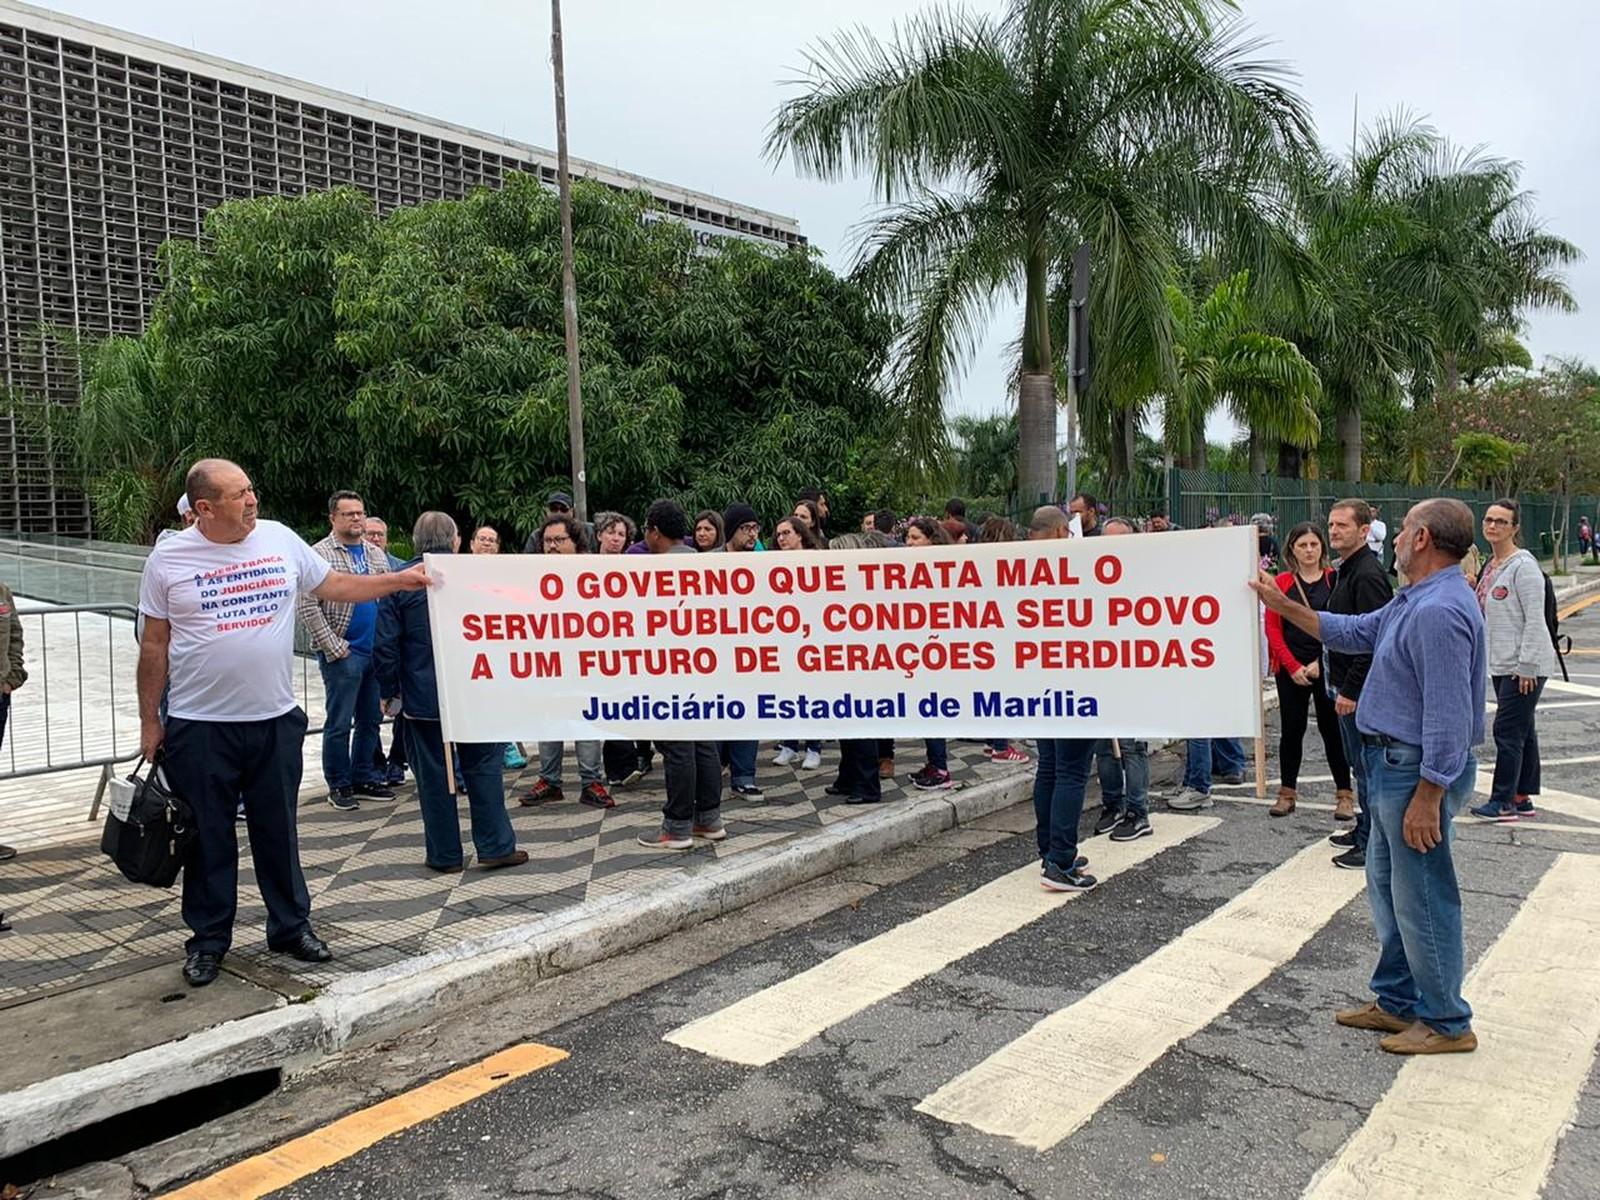 Repressão total: PM de Doria agride professores e servidores na Alesp